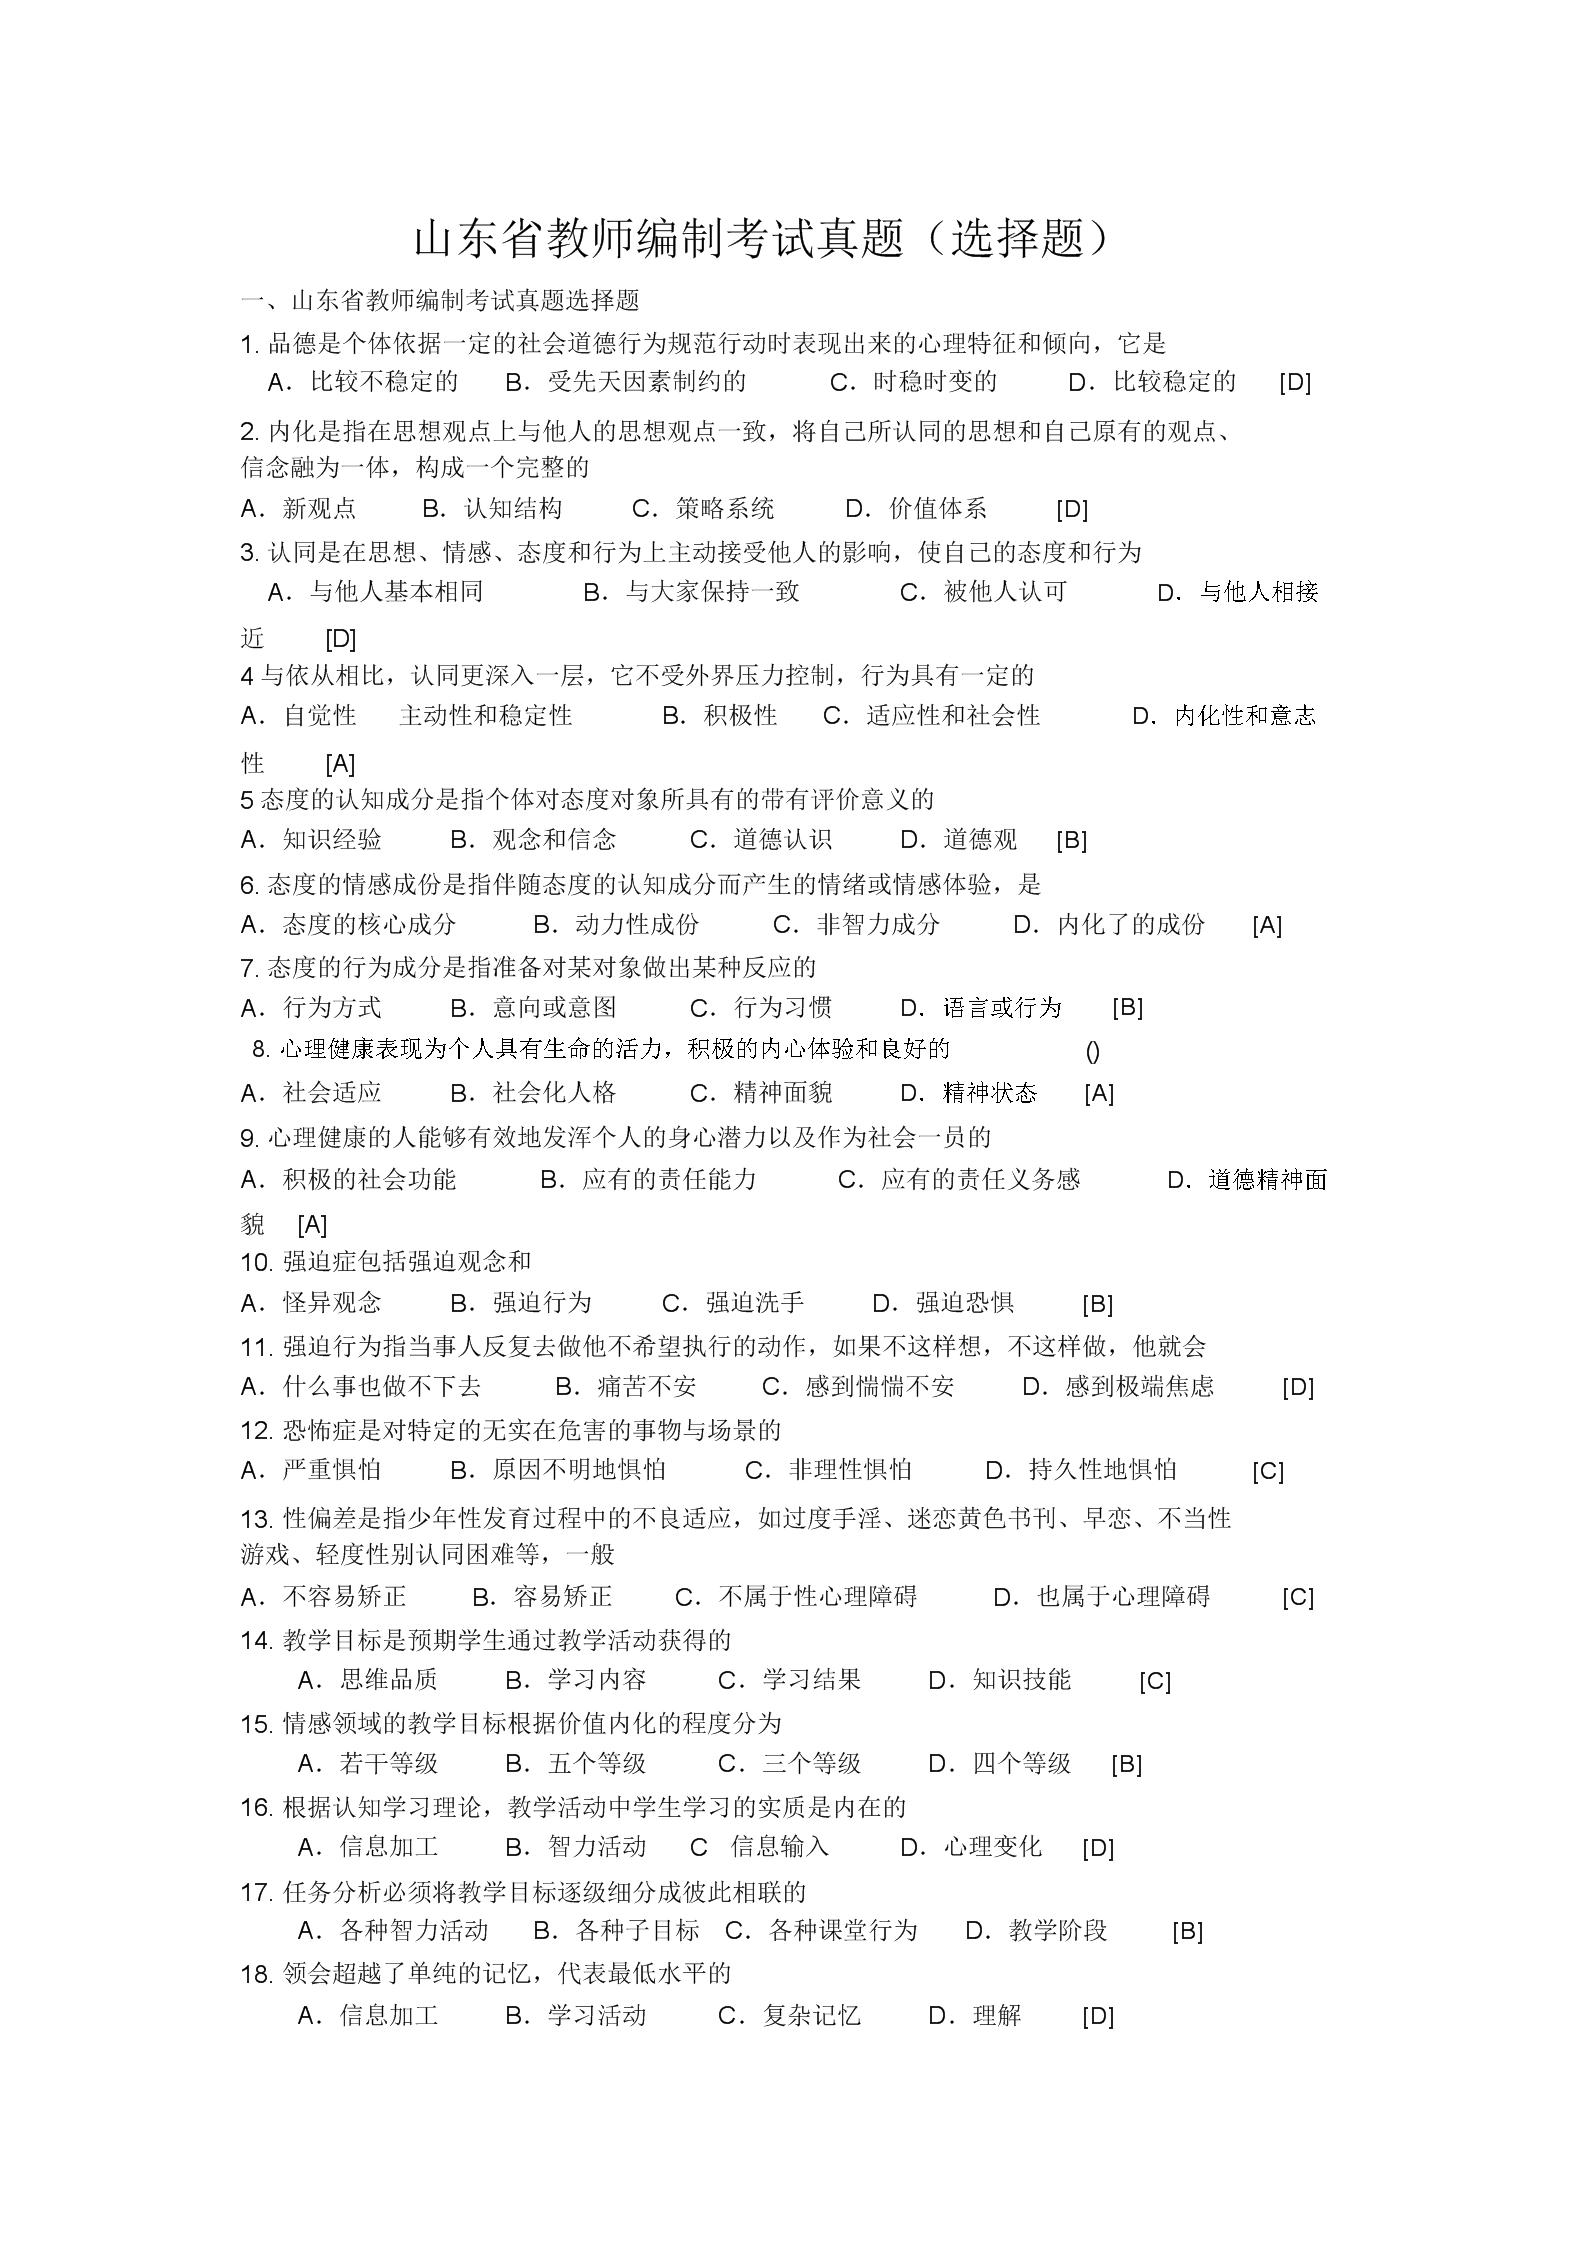 山东省教师编制考试真题.docx